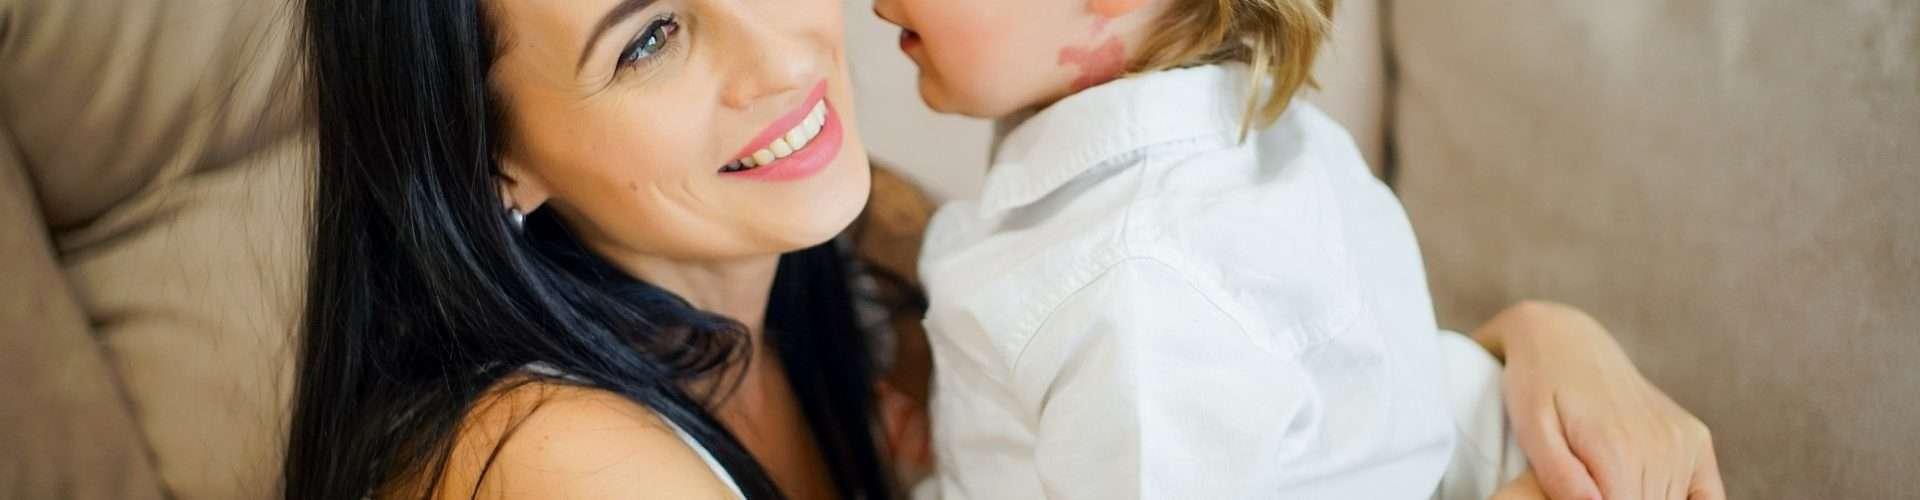 Una madre en solitario abraza a su hijo pequeño.